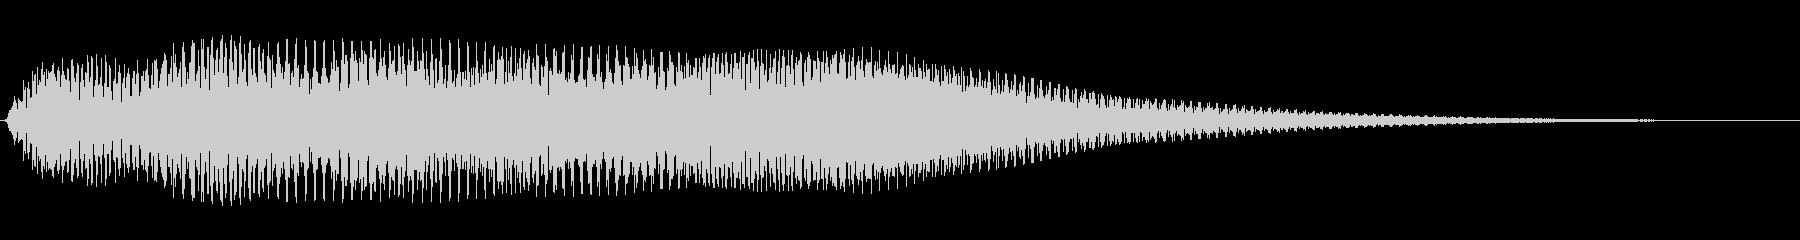 ブブブァァァ〜ン(長い)の未再生の波形